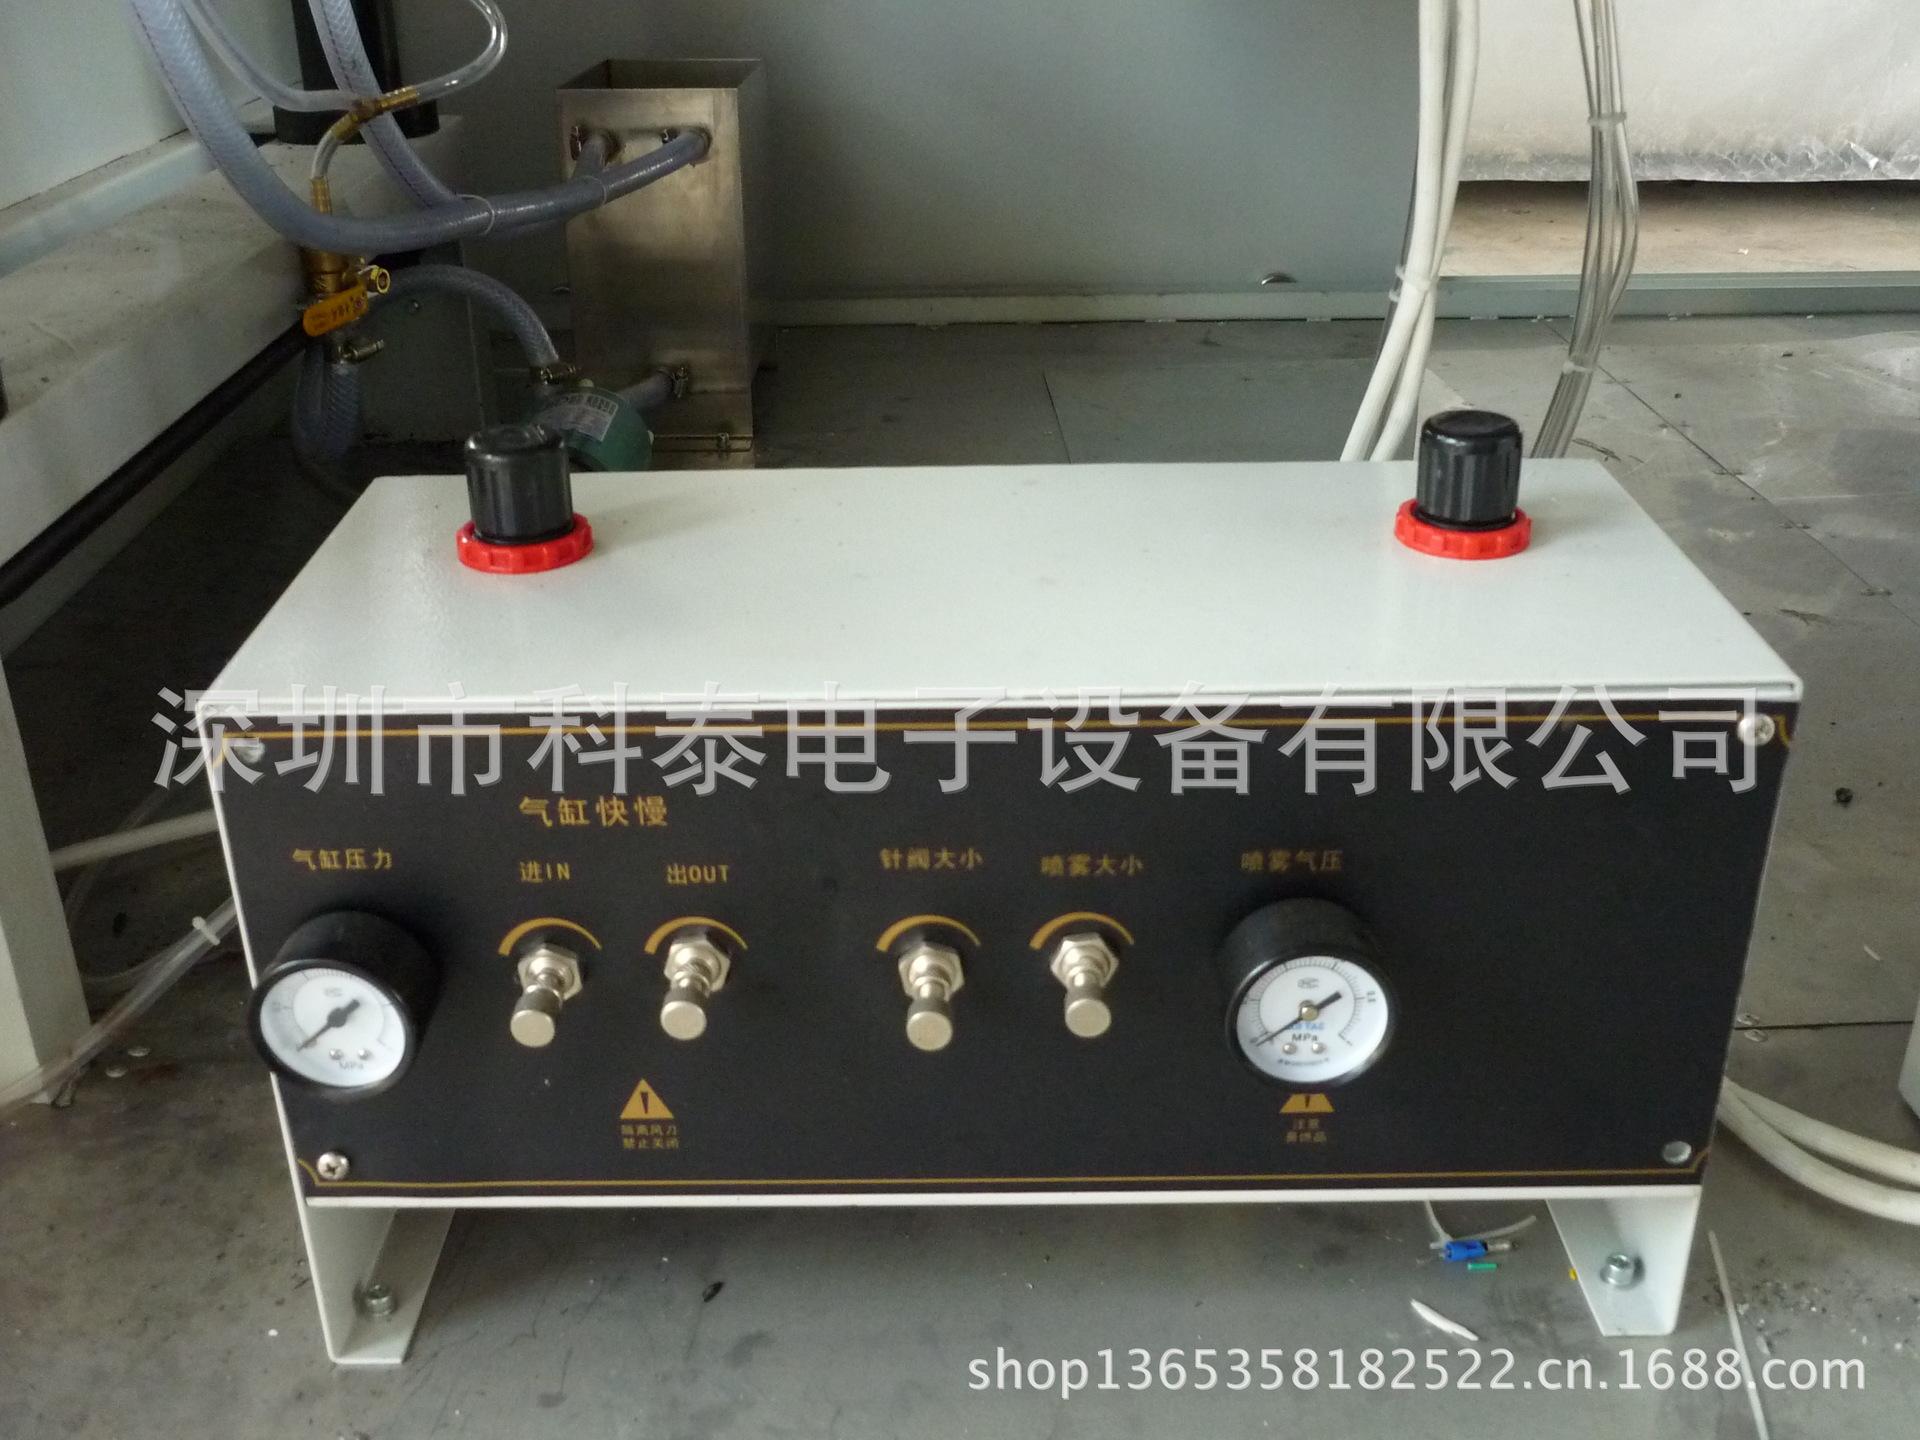 波峰焊喷雾控制面板